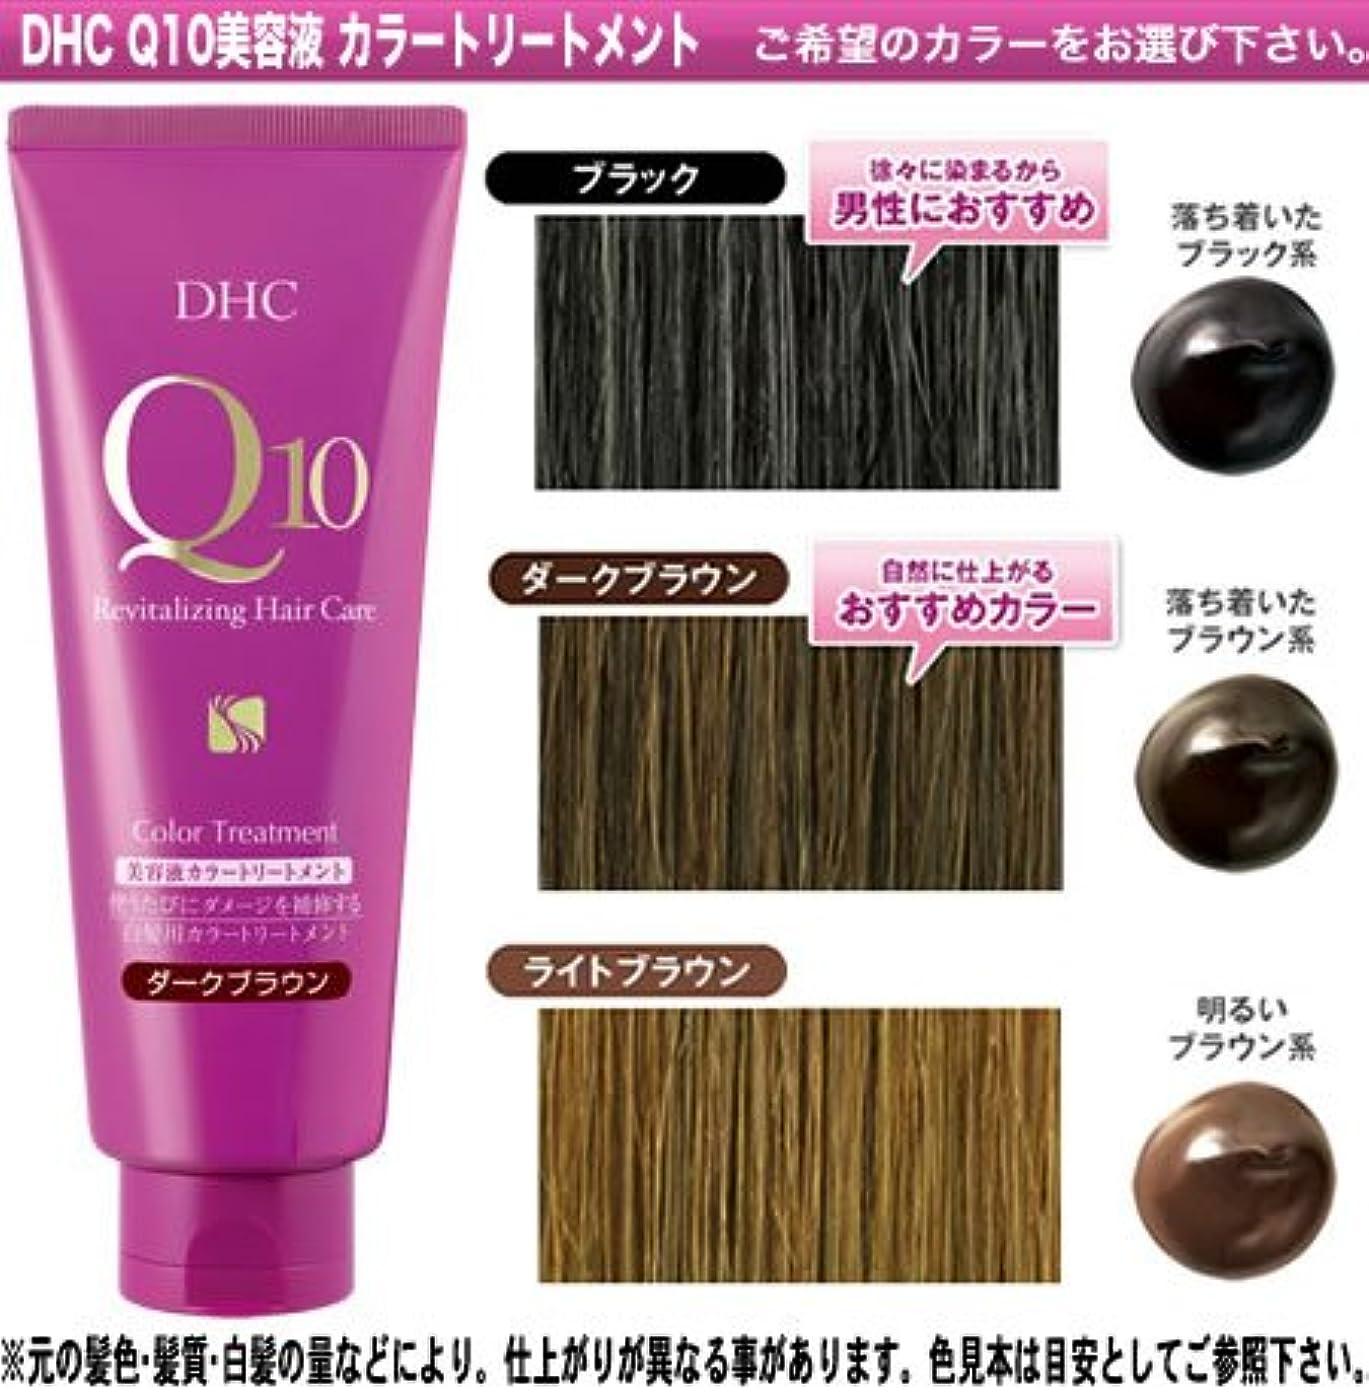 承認熱意地元DHC Q10美容液 カラートリートメント ブラック 235g